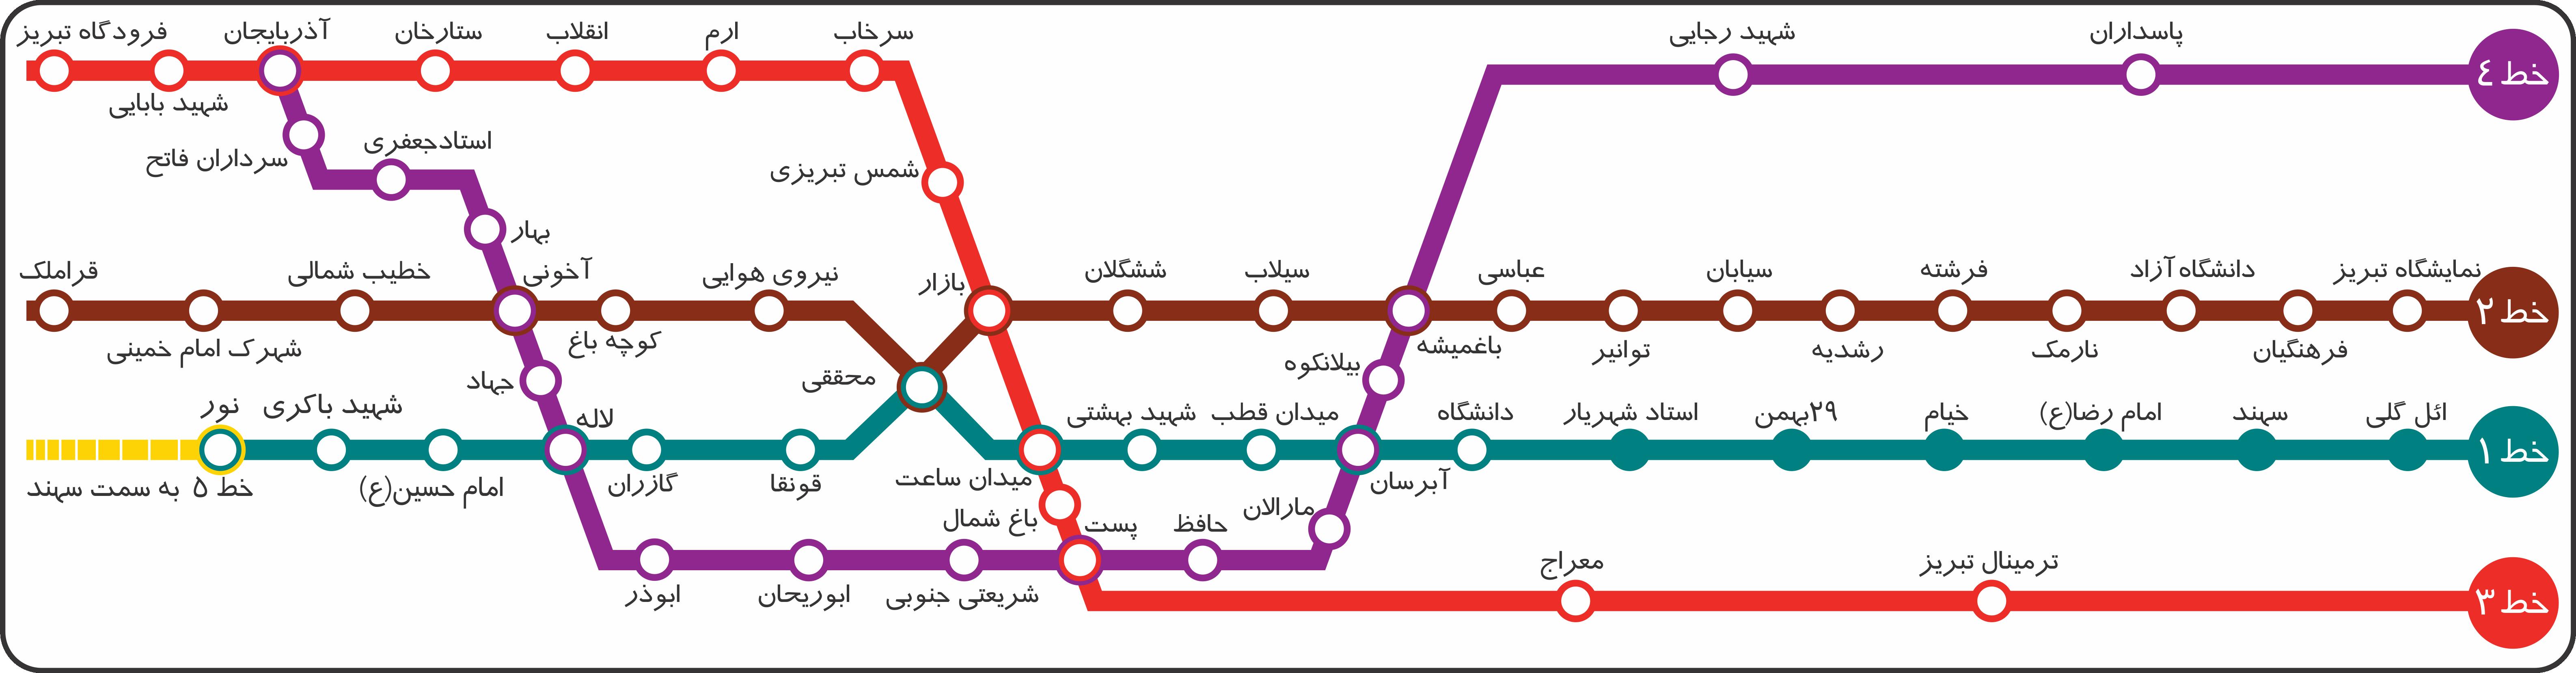 نزدیک ترین مترو به بیمارستان گاندی Ortadoğu'nun en büyük metrosu - Fotoğraf Galerisi